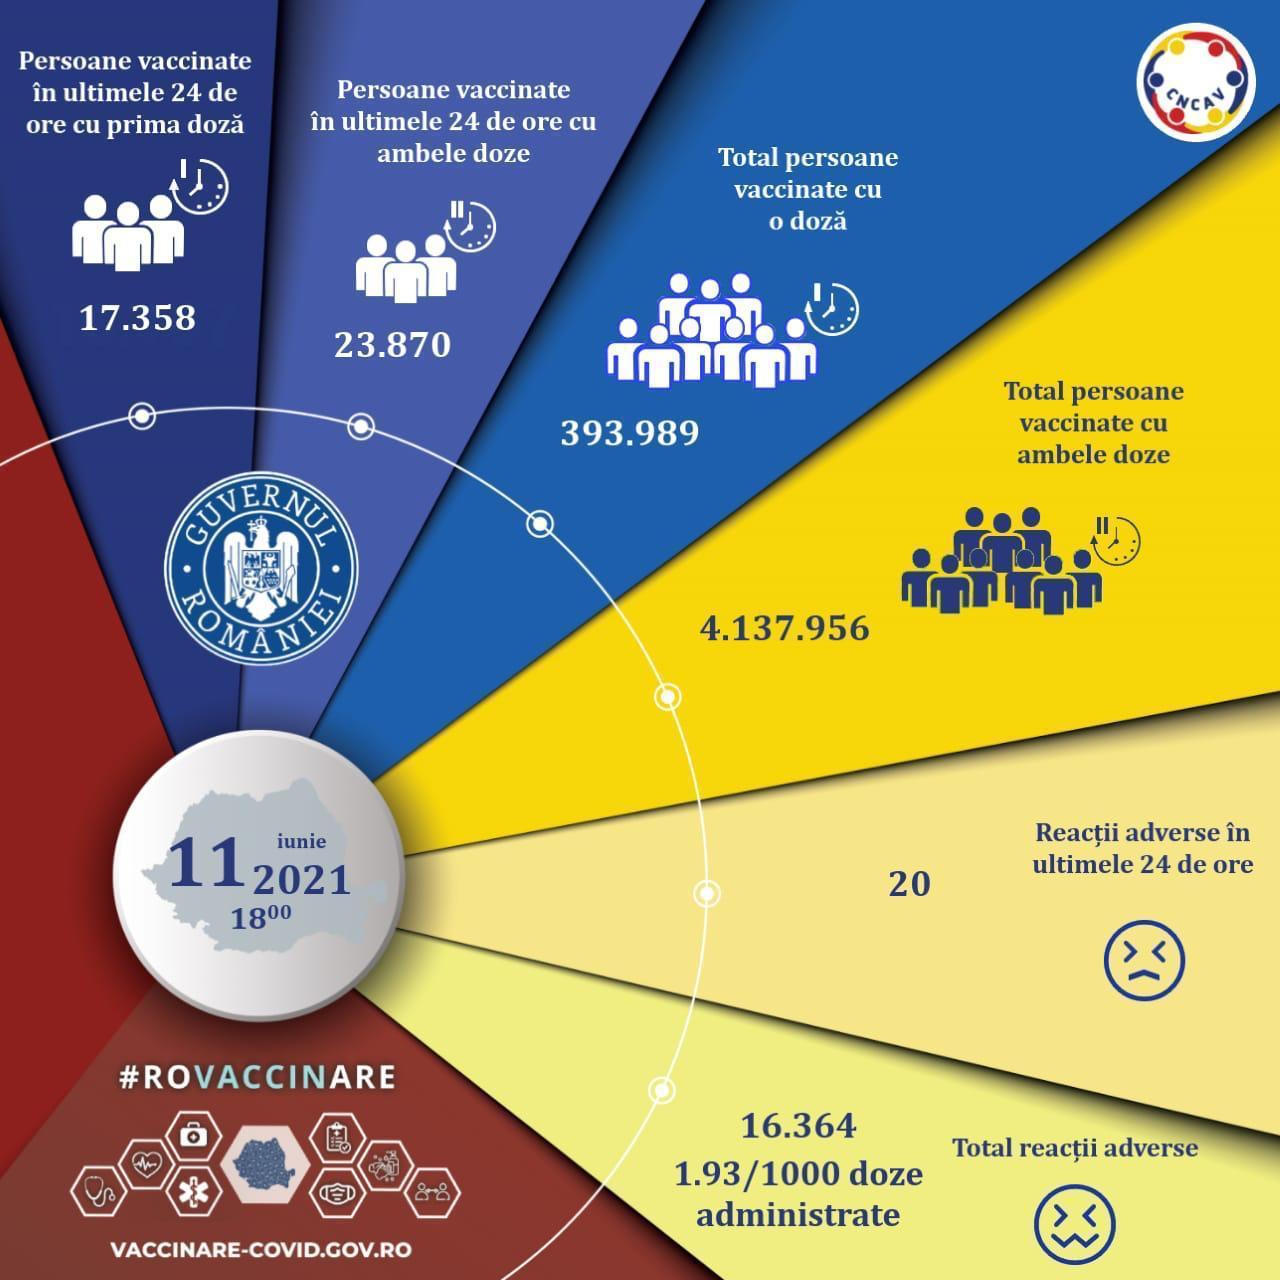 Doar 17.000 de români s-au vaccinat cu prima doză antiCovid în ultimele 24 de ore